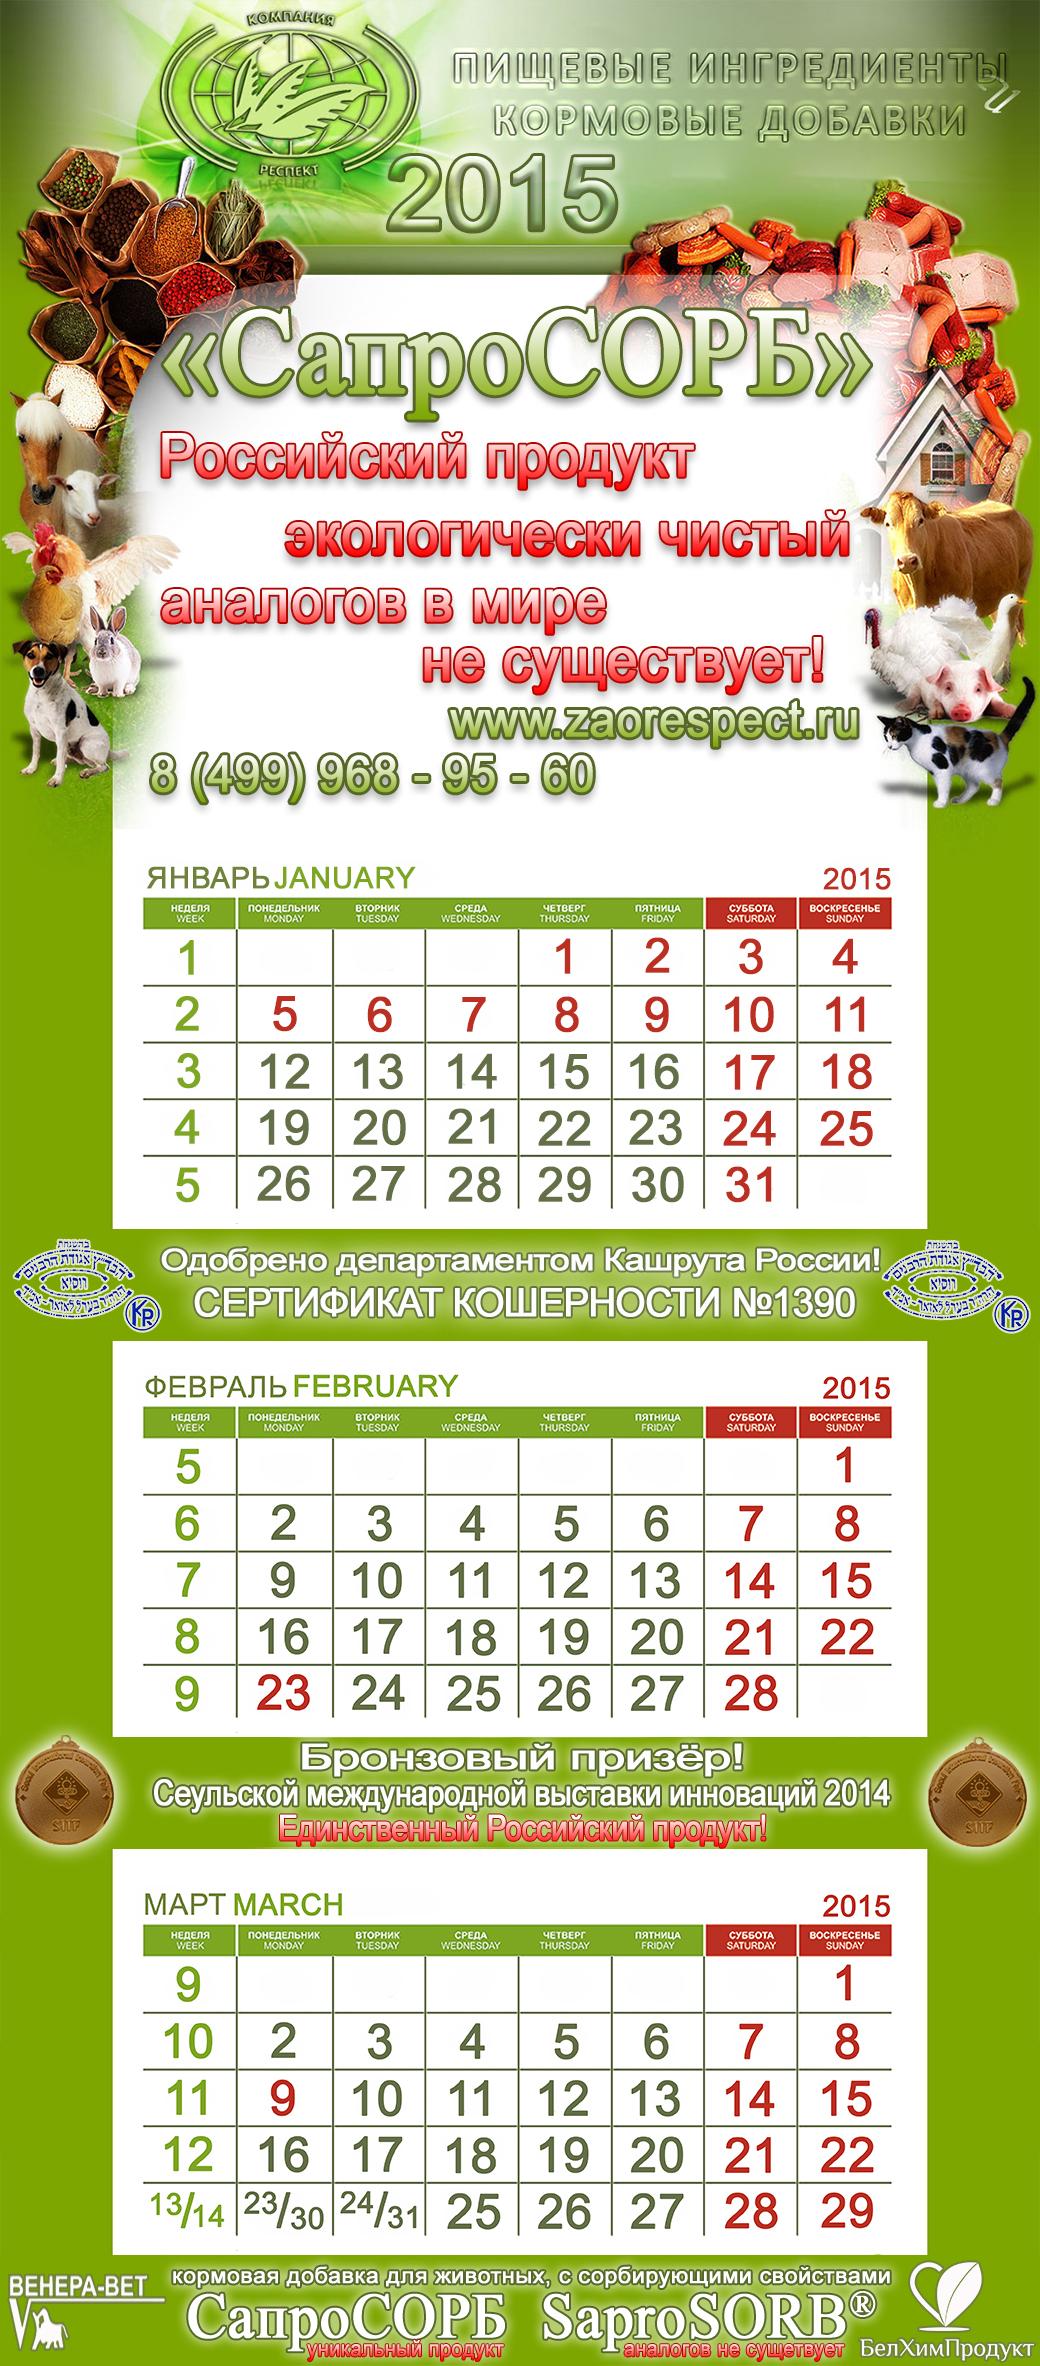 фирменный Календарь квартальный 2015 ЗАО РЕСПЕКТ, Кормовые добавки, Пищевые Ингредиенты, Сапросорб, животноводство